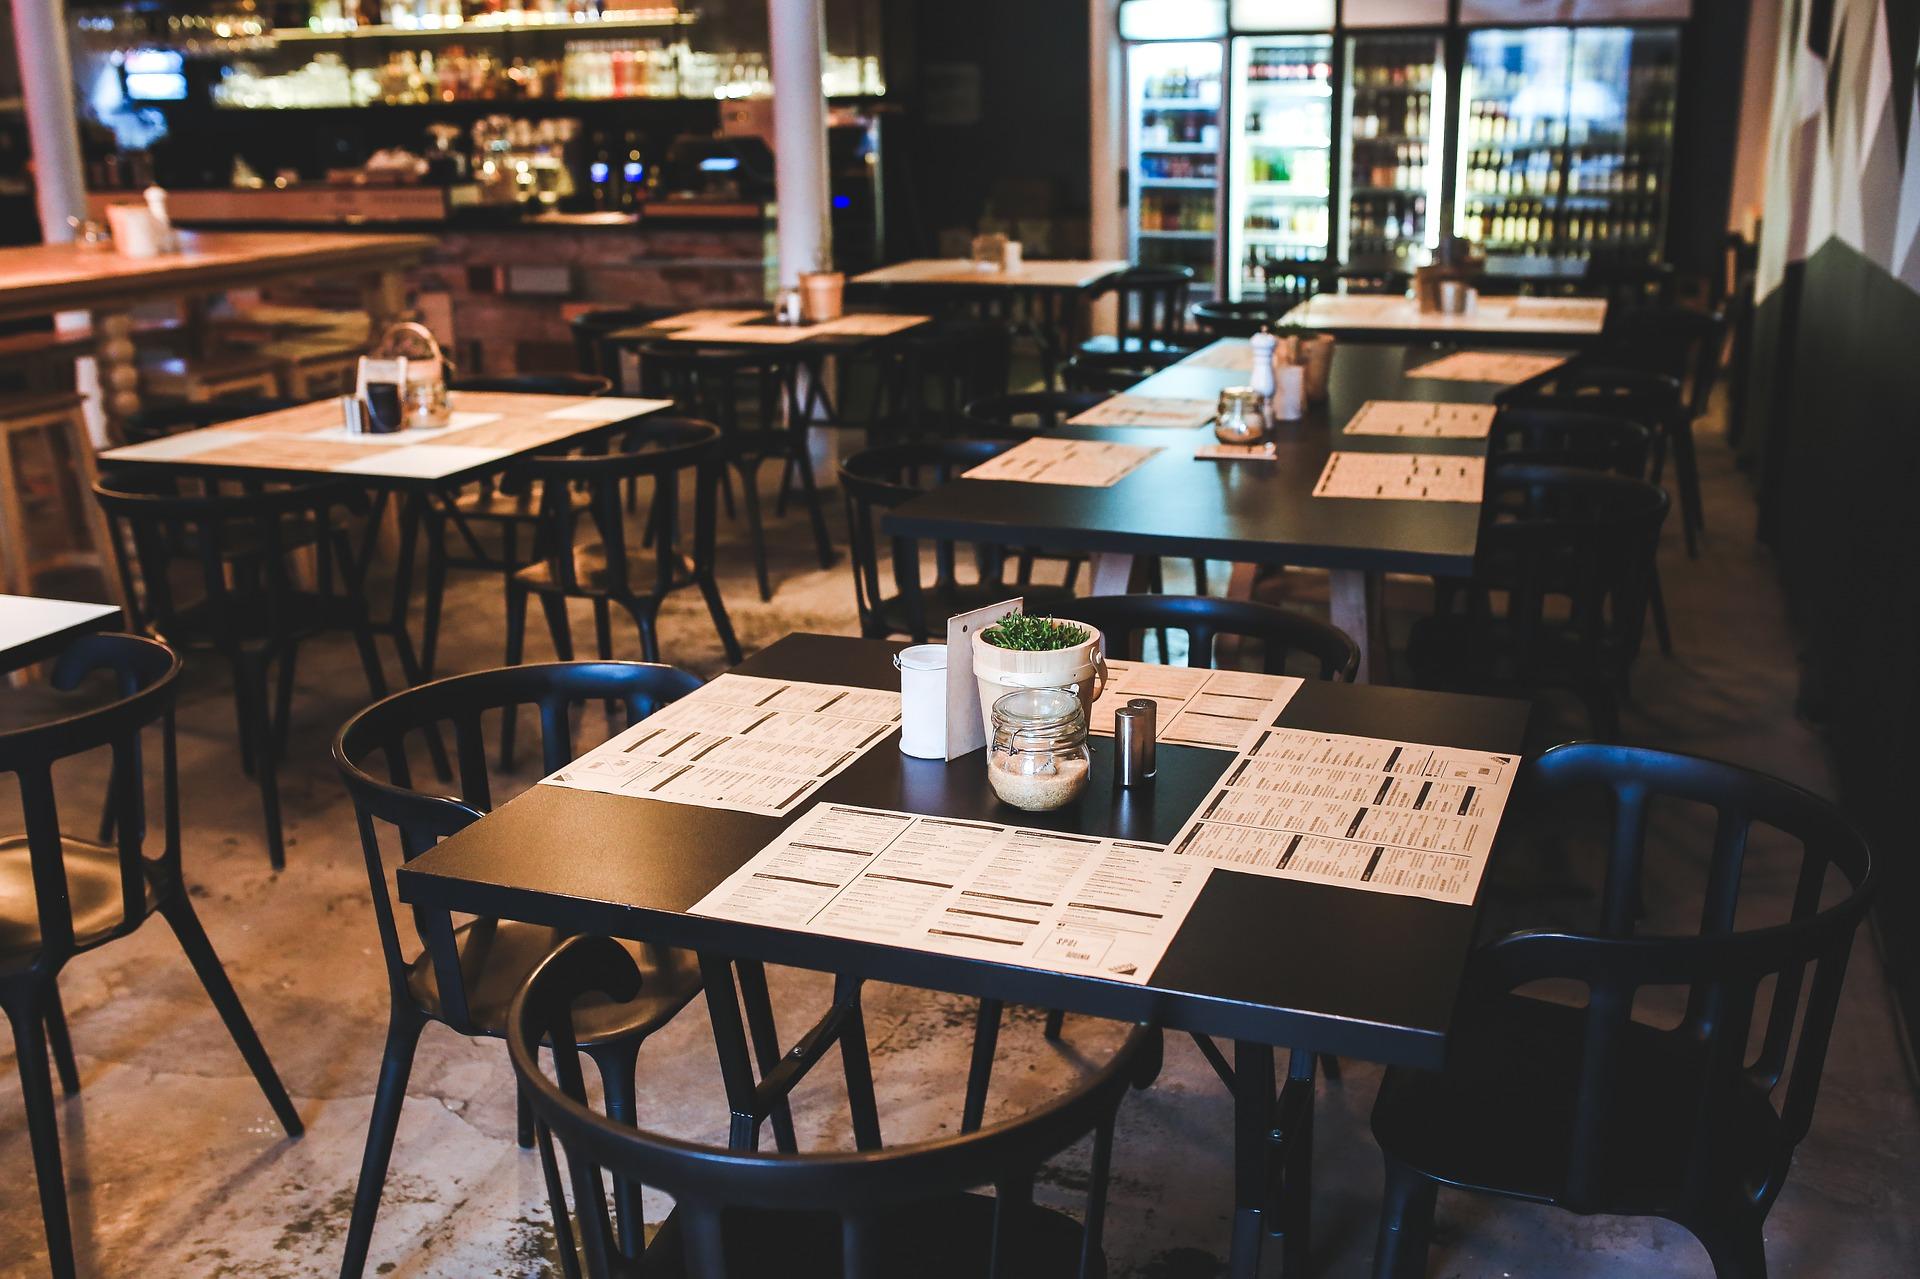 Restaurace jako nový způsob stravování